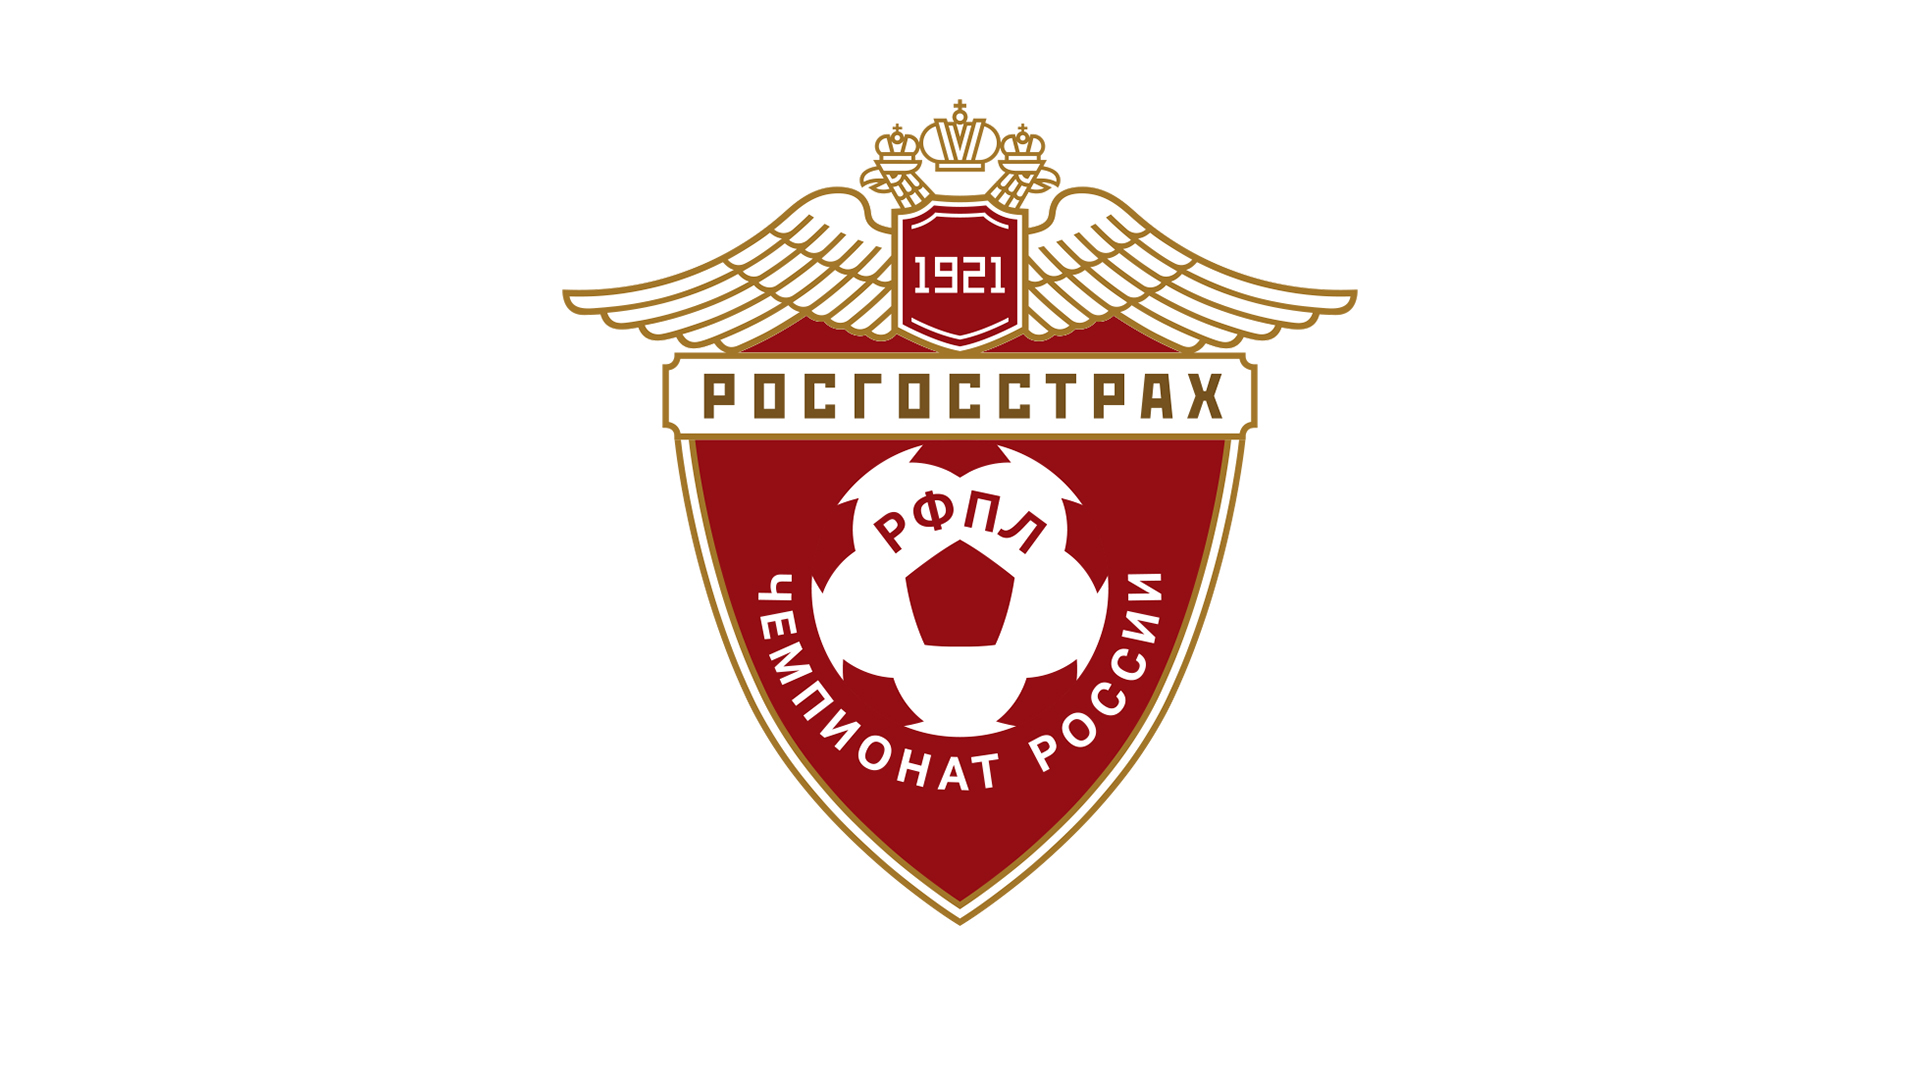 Официальные лица 18-го тура РОСГОССТРАХ Чемпионата России по футболу